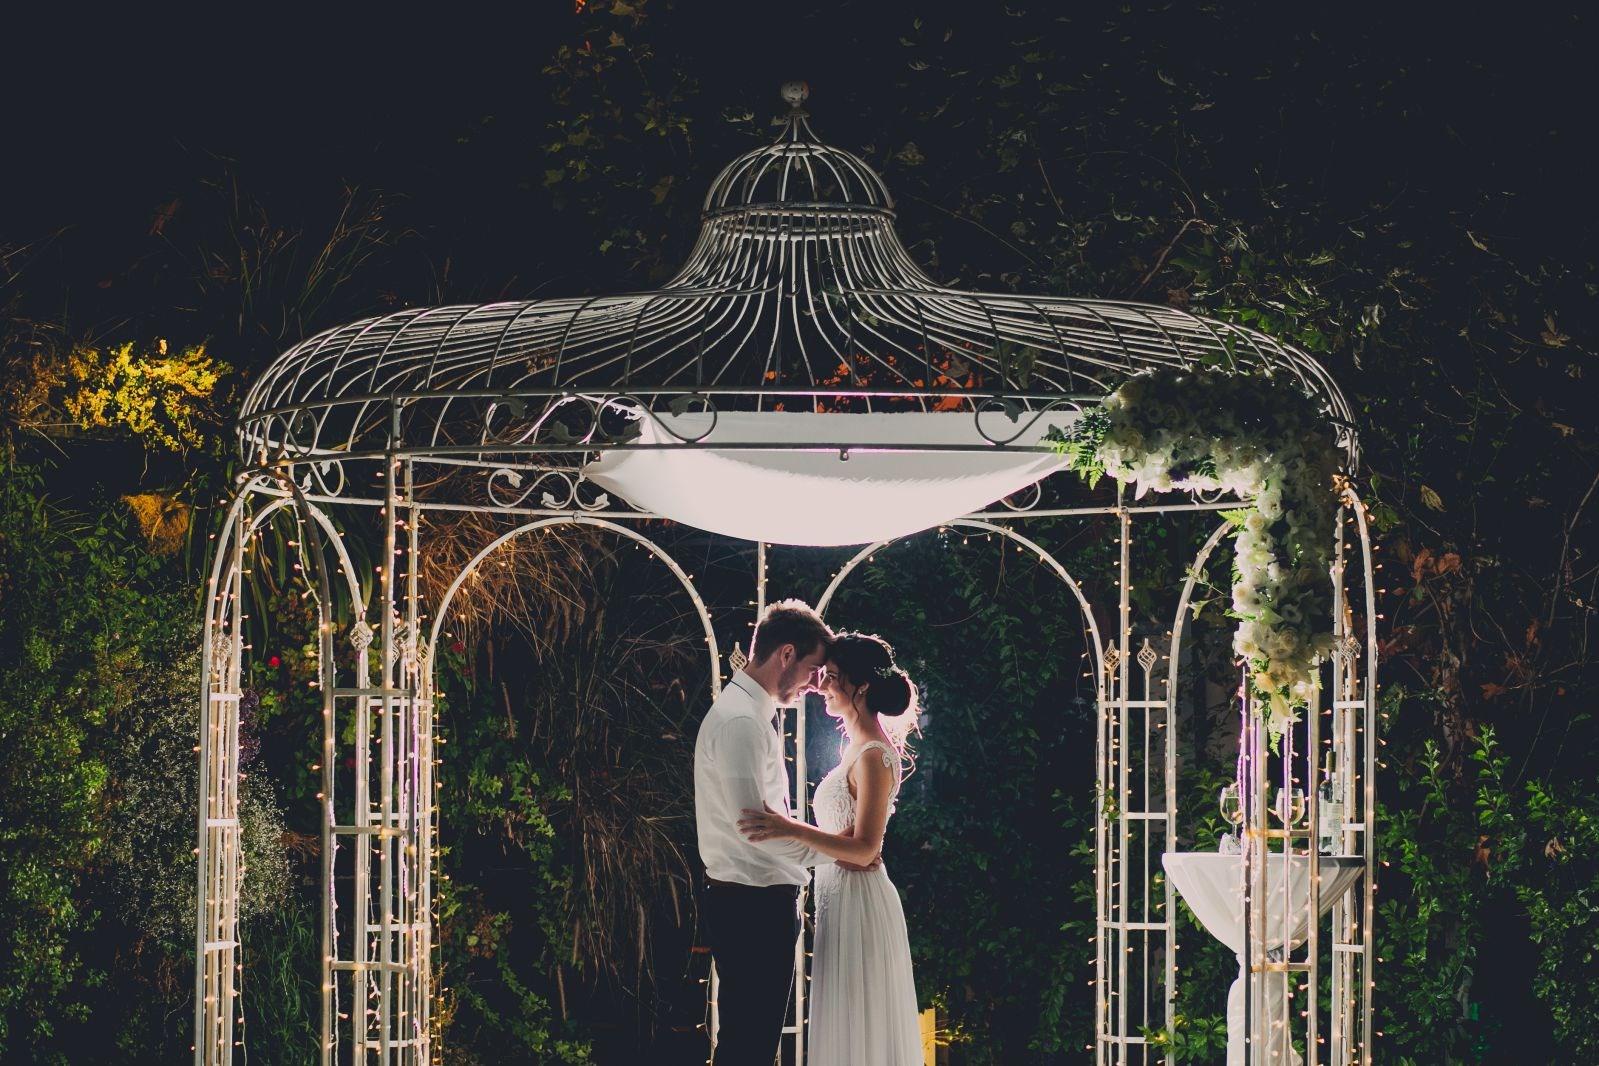 חתונה אורבנית (צילום: Eli Raul Photography)